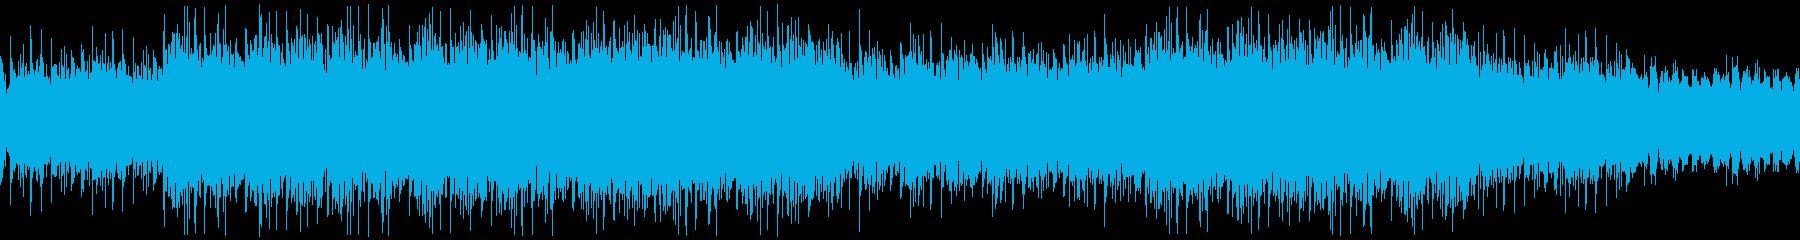 クールでアーバンなムードのアンビエントの再生済みの波形